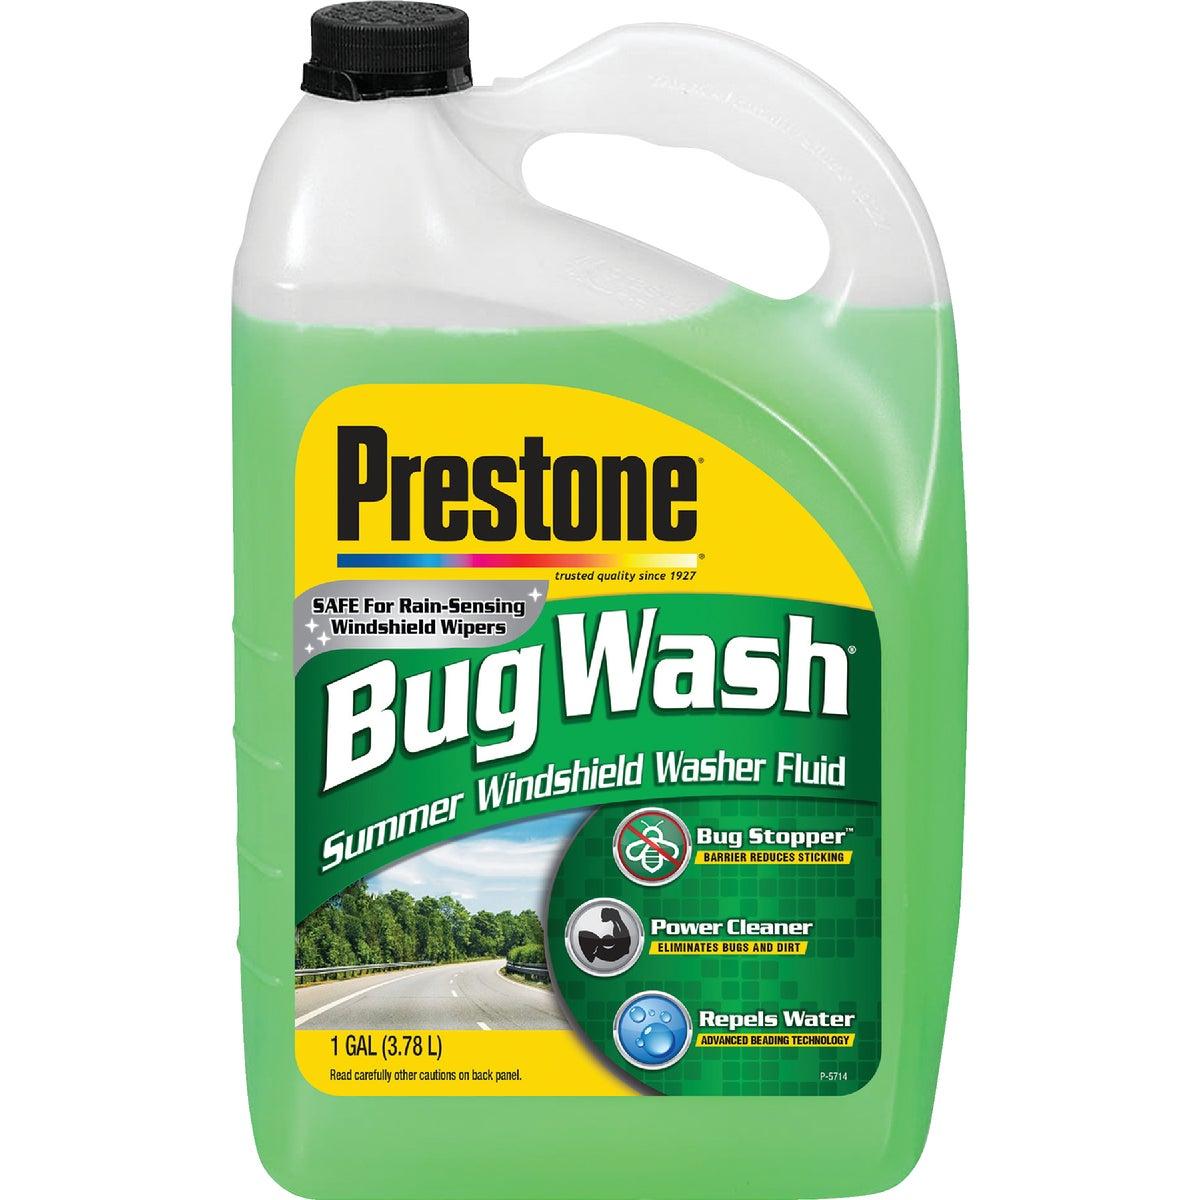 Bugwash Windshield Wash